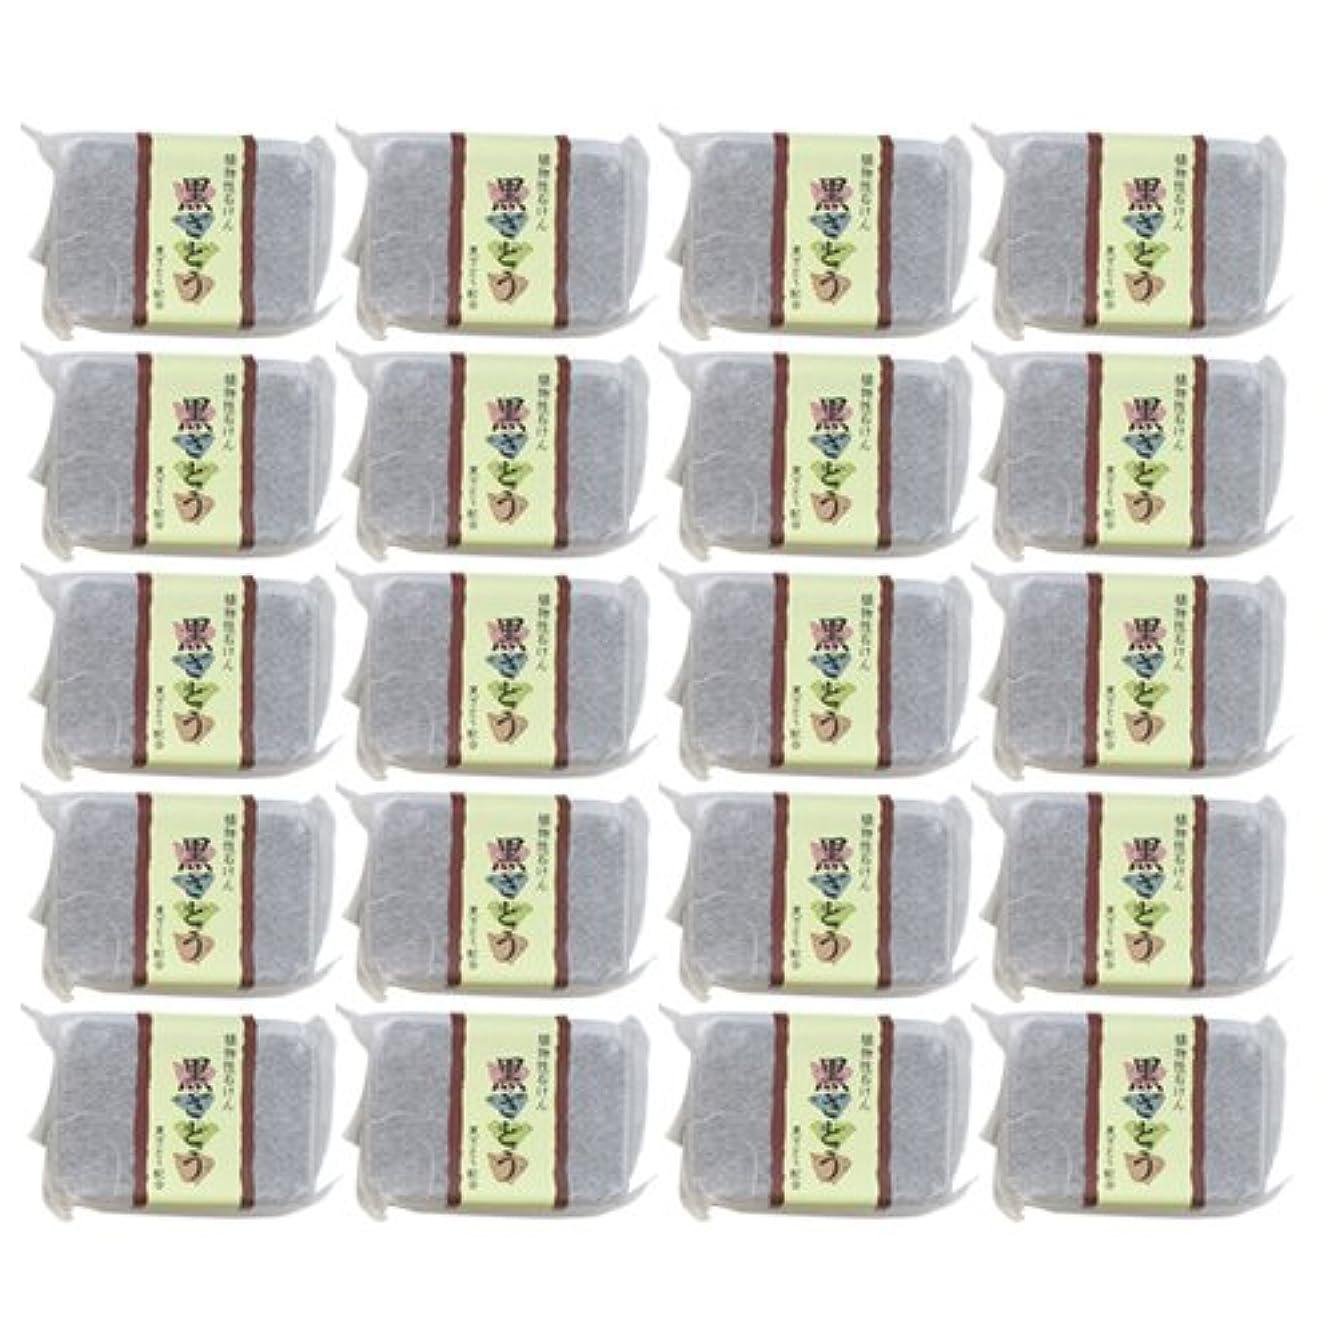 たるみ動機付けるウェイトレス植物性ソープ 自然石けん 黒ざとう 80g×20個セット